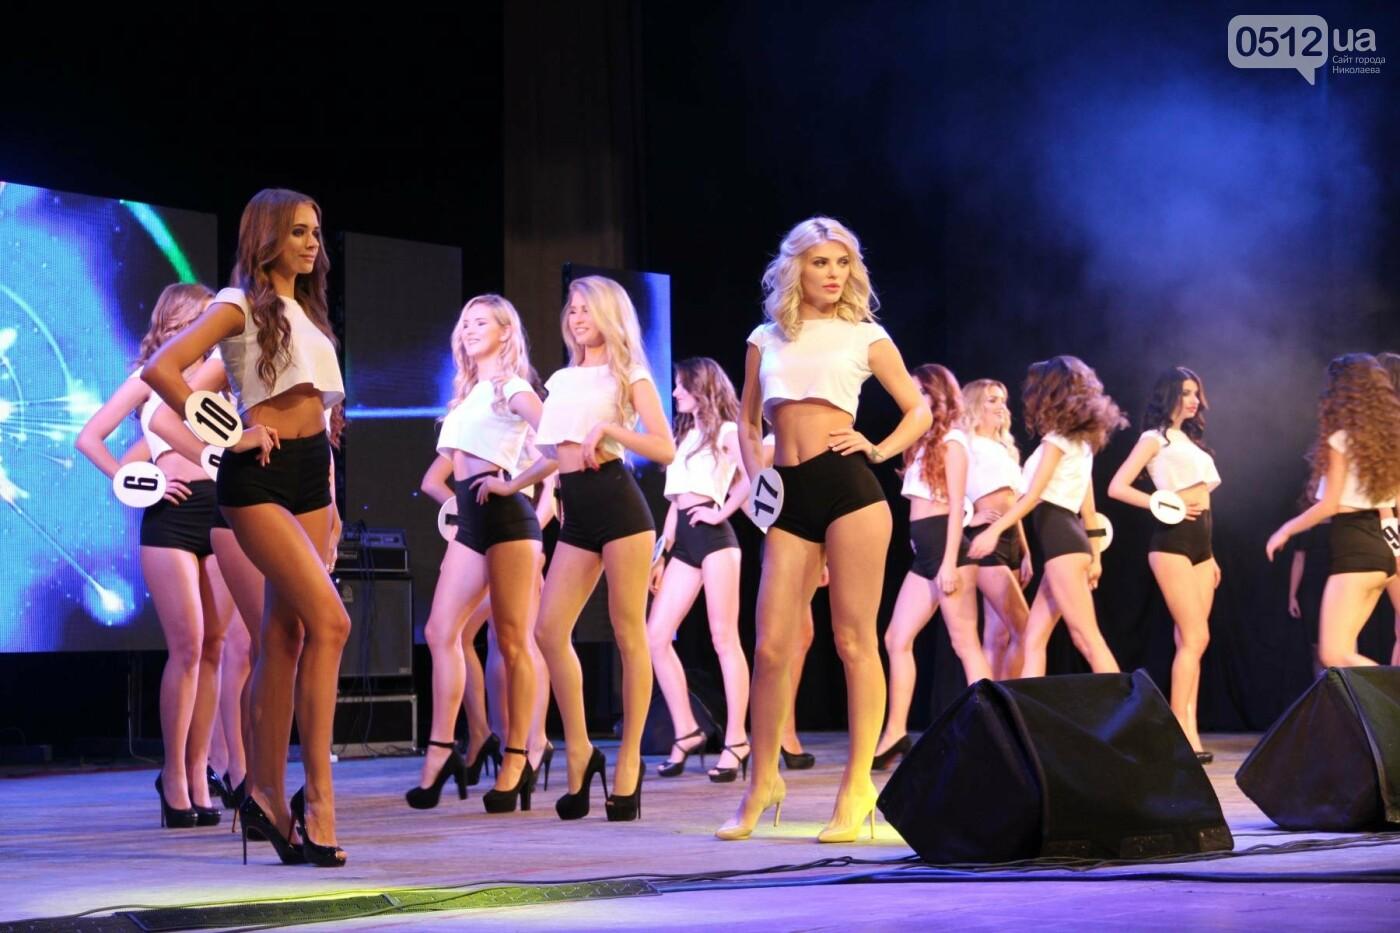 В Николаеве на конкурсе «Miss Top model Ukraine» выбрали самую красивую модель в Украине, - ФОТО, фото-11